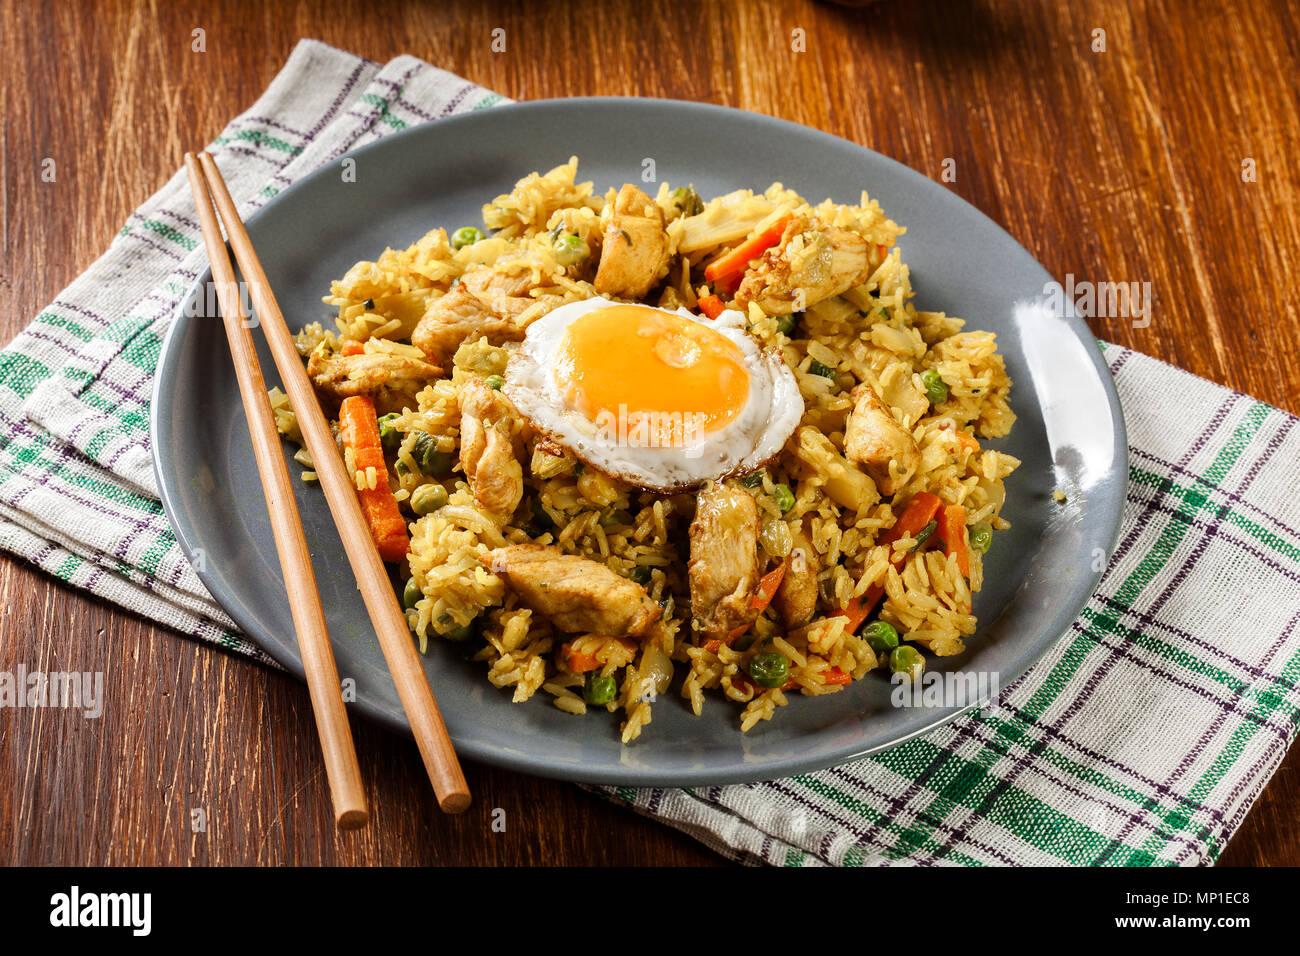 Nasi Goreng riz frit avec des oeufs de poulet et légumes sur une assiette. La cuisine indonésienne. Photo Stock